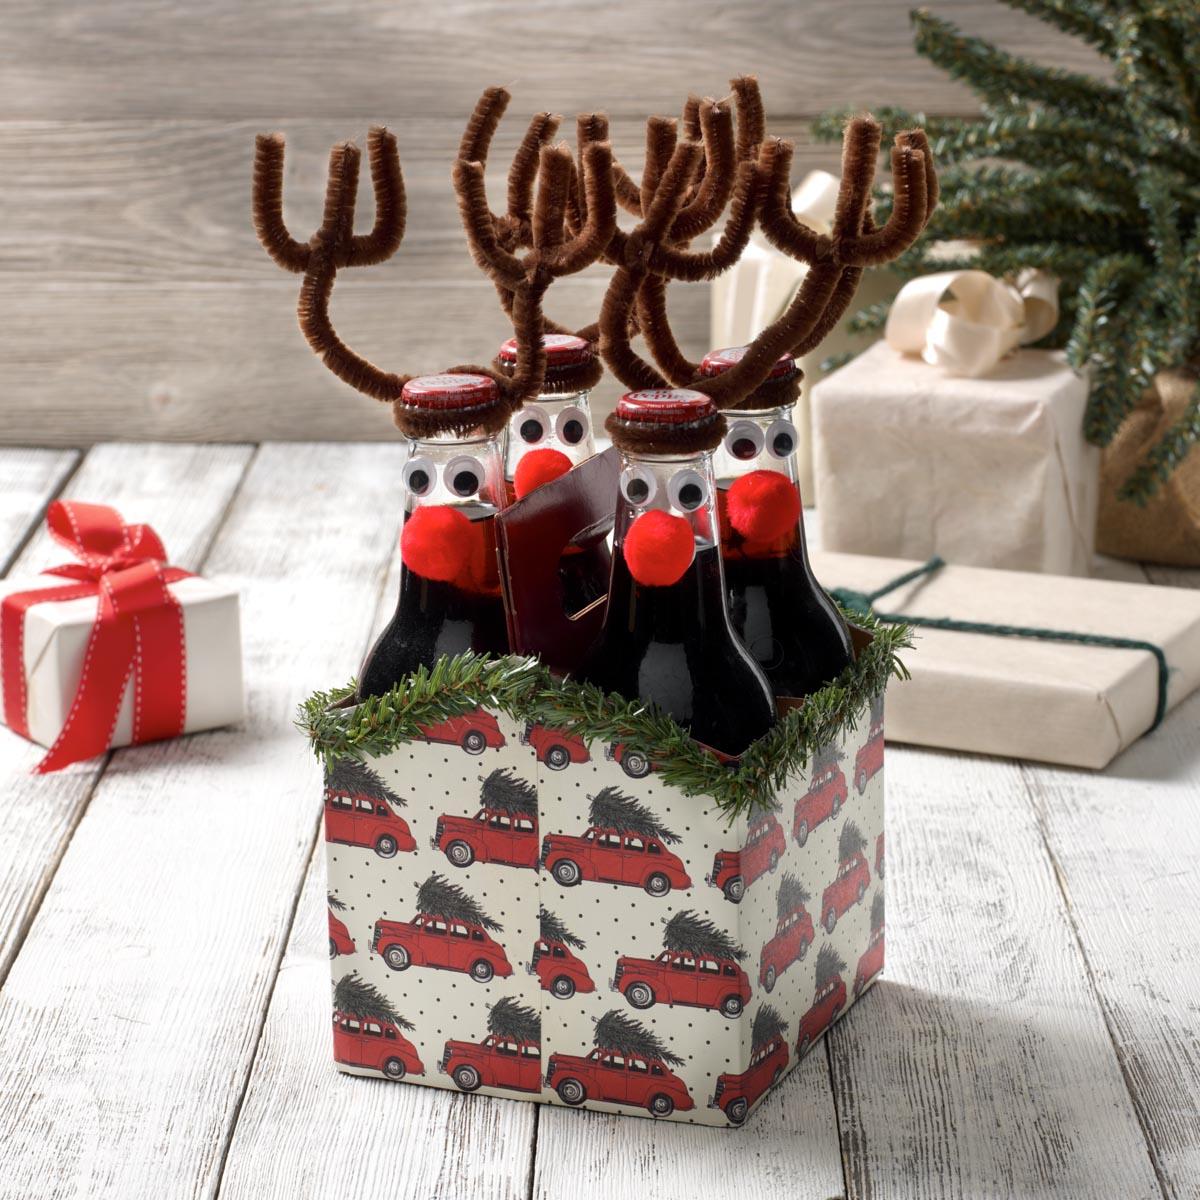 Reindeer Six-Pack of Bottles